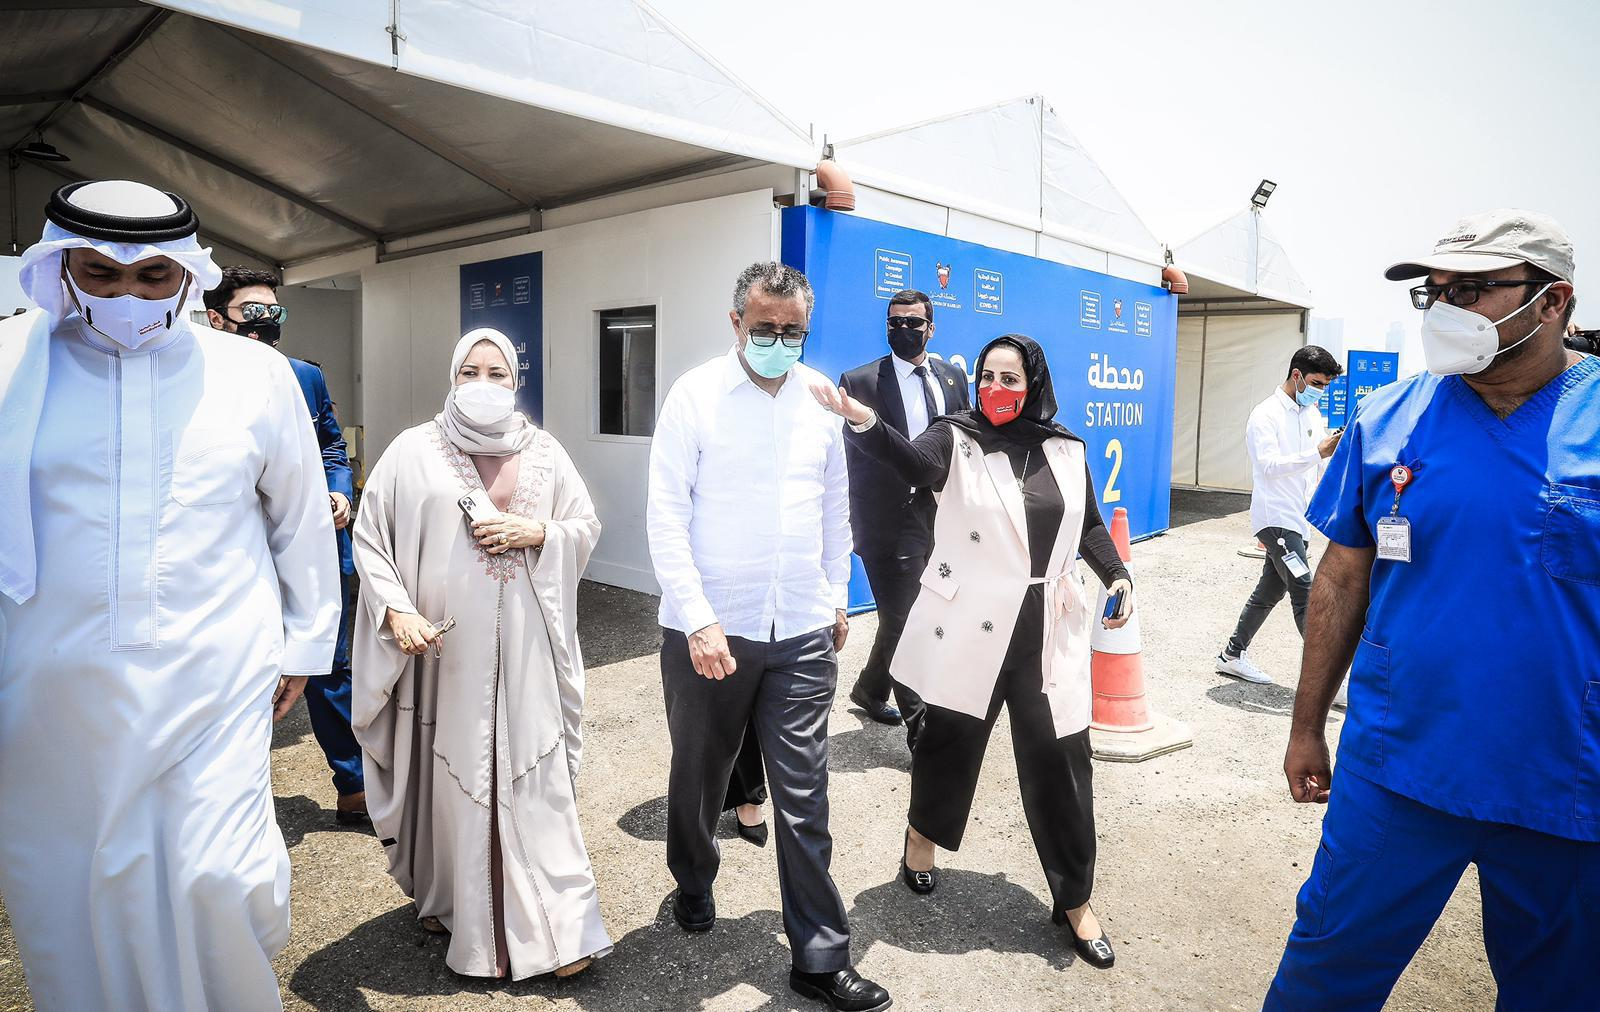 خلال زيارته عددًا من مراكز الفحص والتطعيم في المملكة .. المدير العام لمنظمة الصحة العالمية: مملكة البحرين من الدول الرائدة في التعامل مع جائحة فيروس كورونا